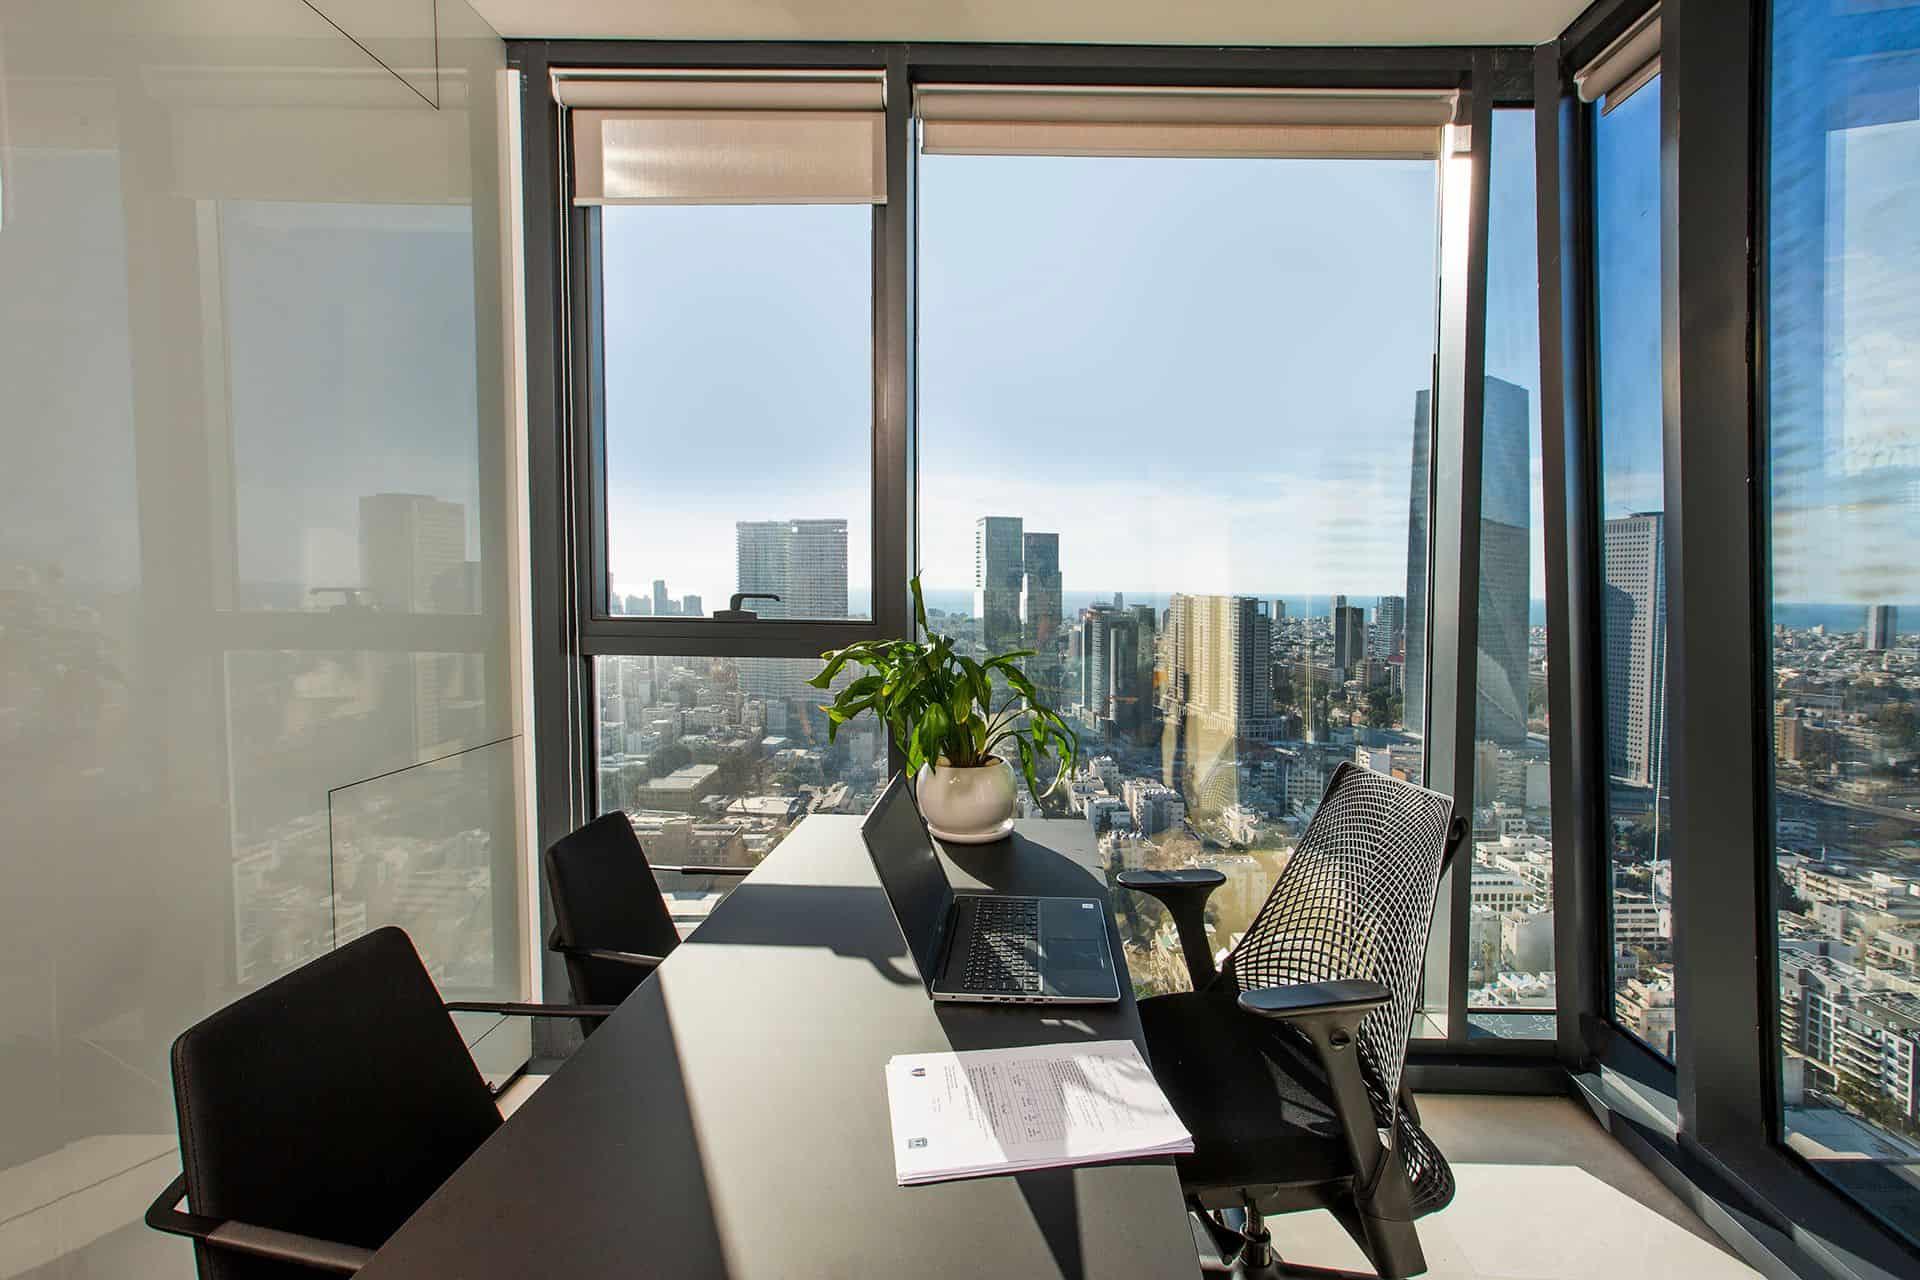 משרד עם נוף פנורמי לים  30   קרדיטים לשעה